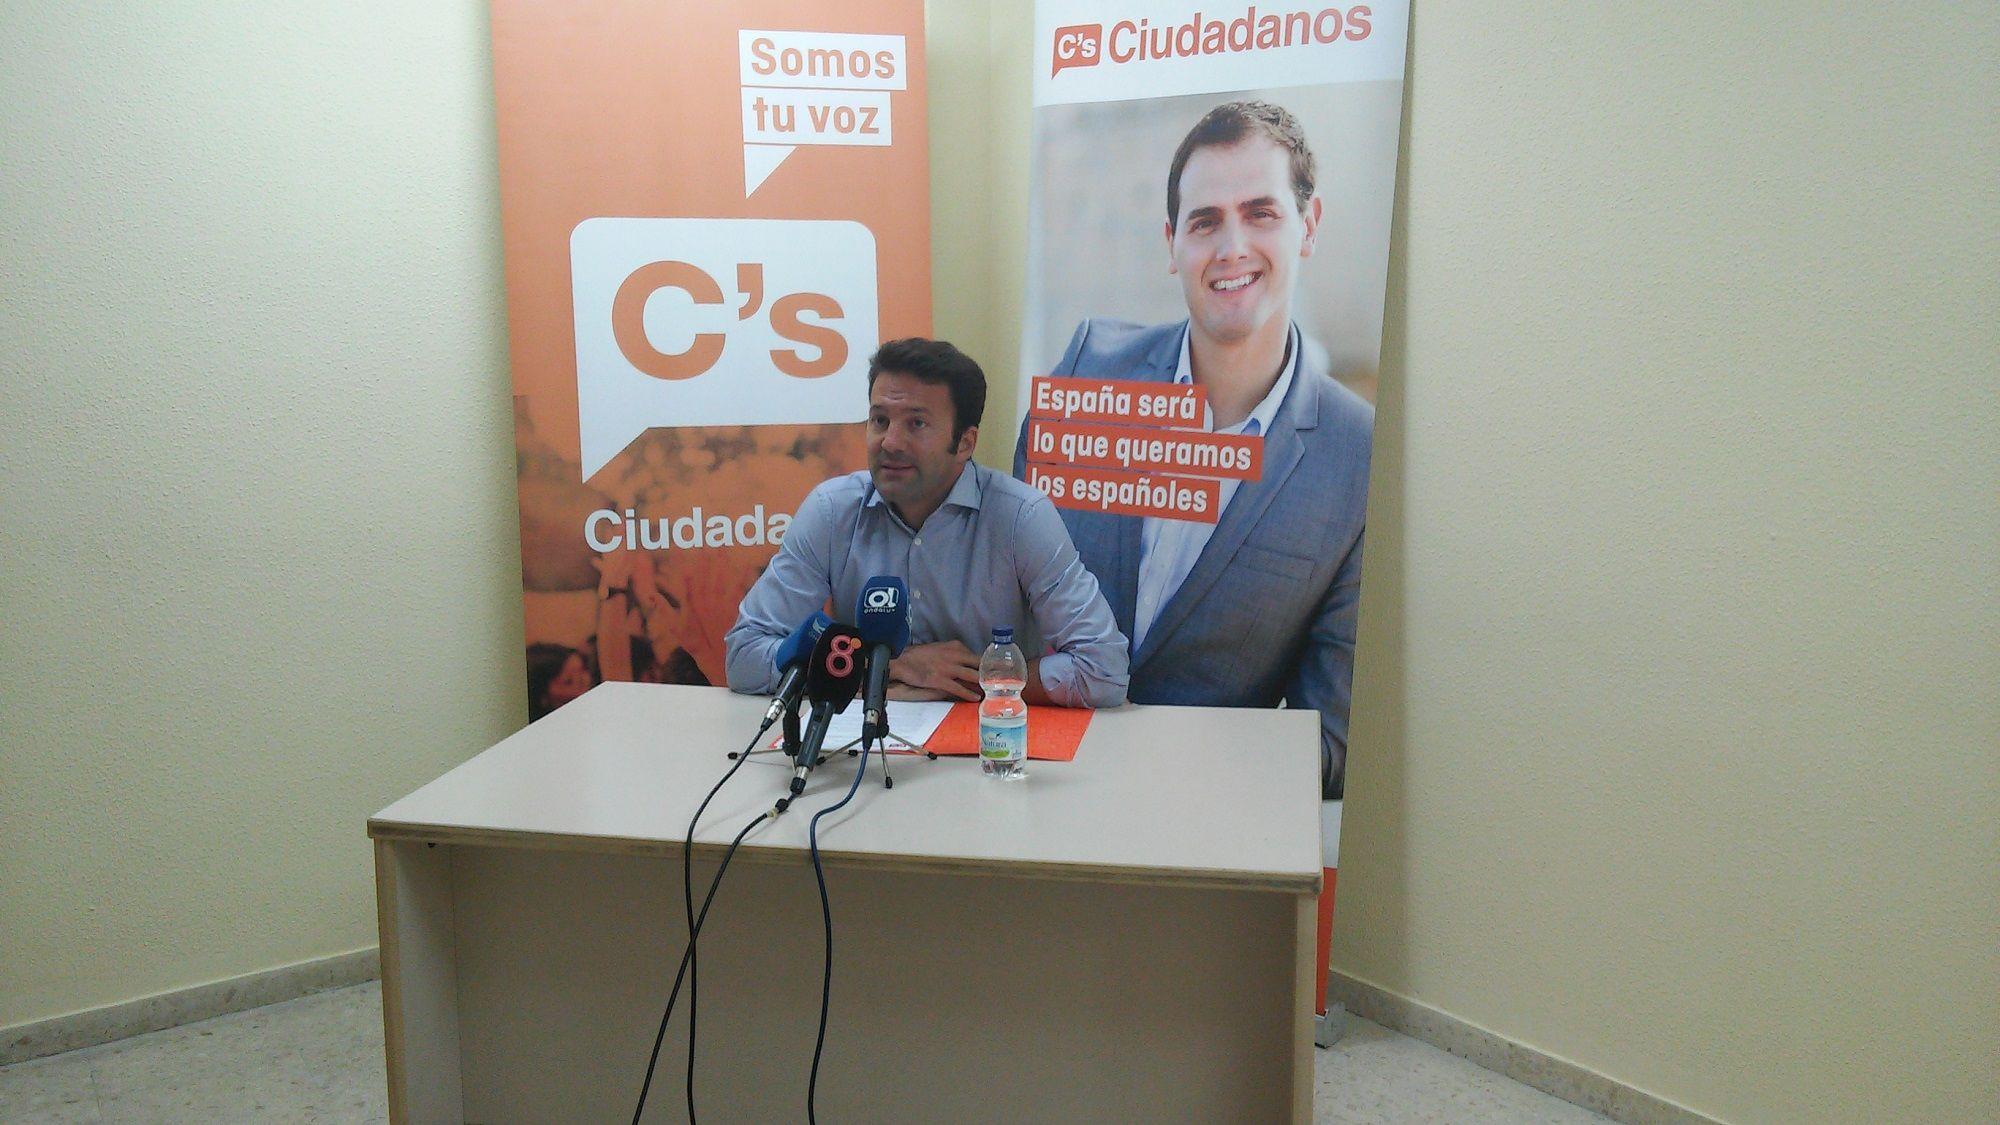 El concejal del Ayuntamiento de Jerez por Ciudadanos, Carlos Pérez, ofreciendo una rueda de prensa. CsJerez